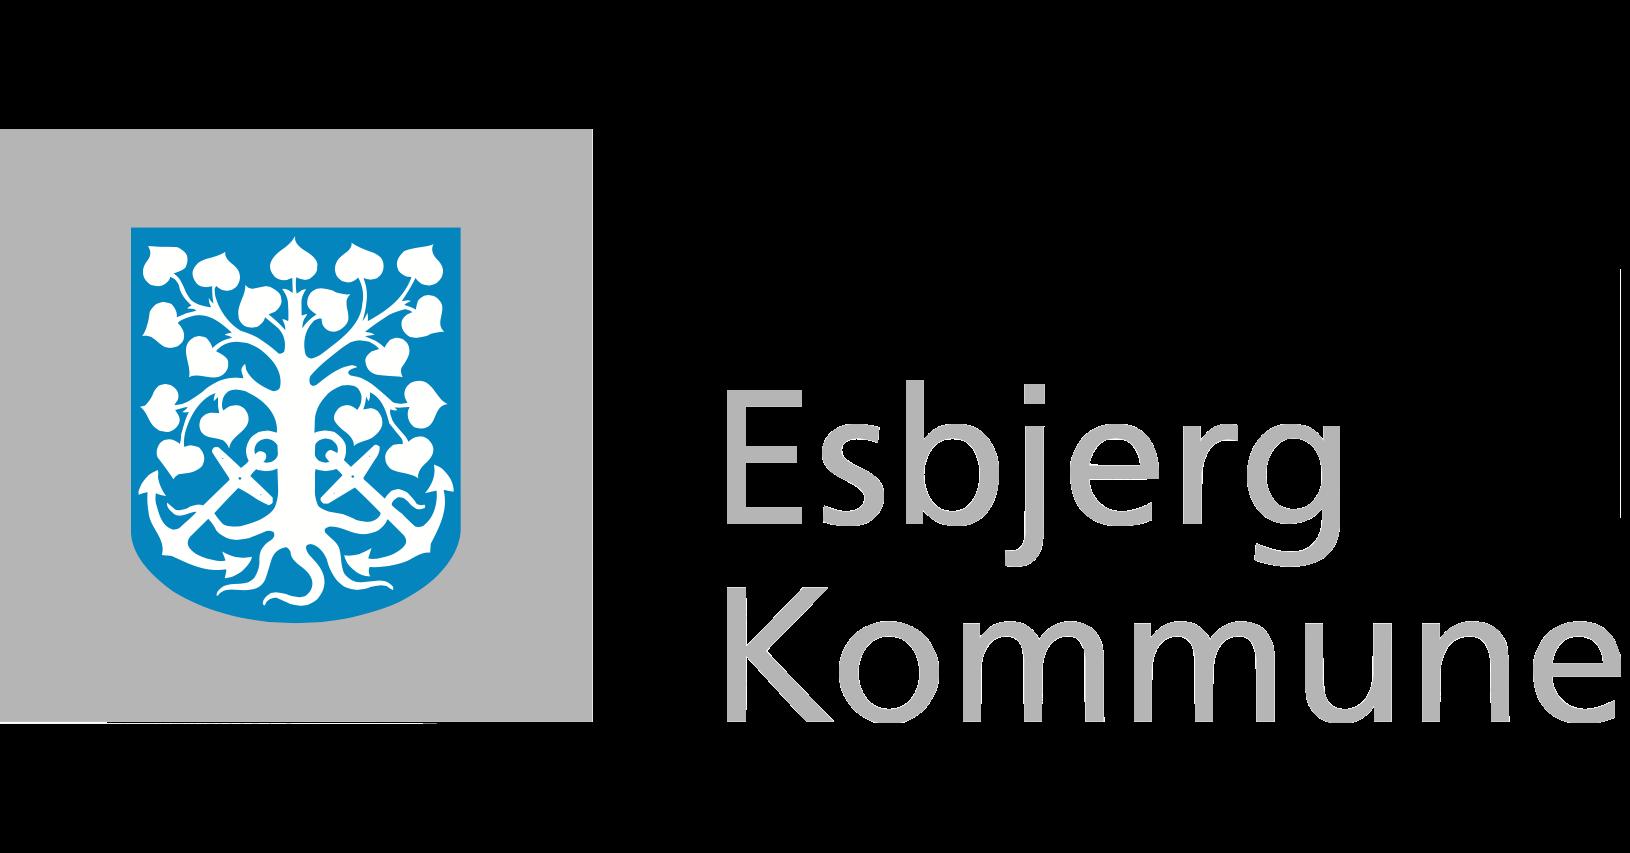 0.2 Esbjerg kommune